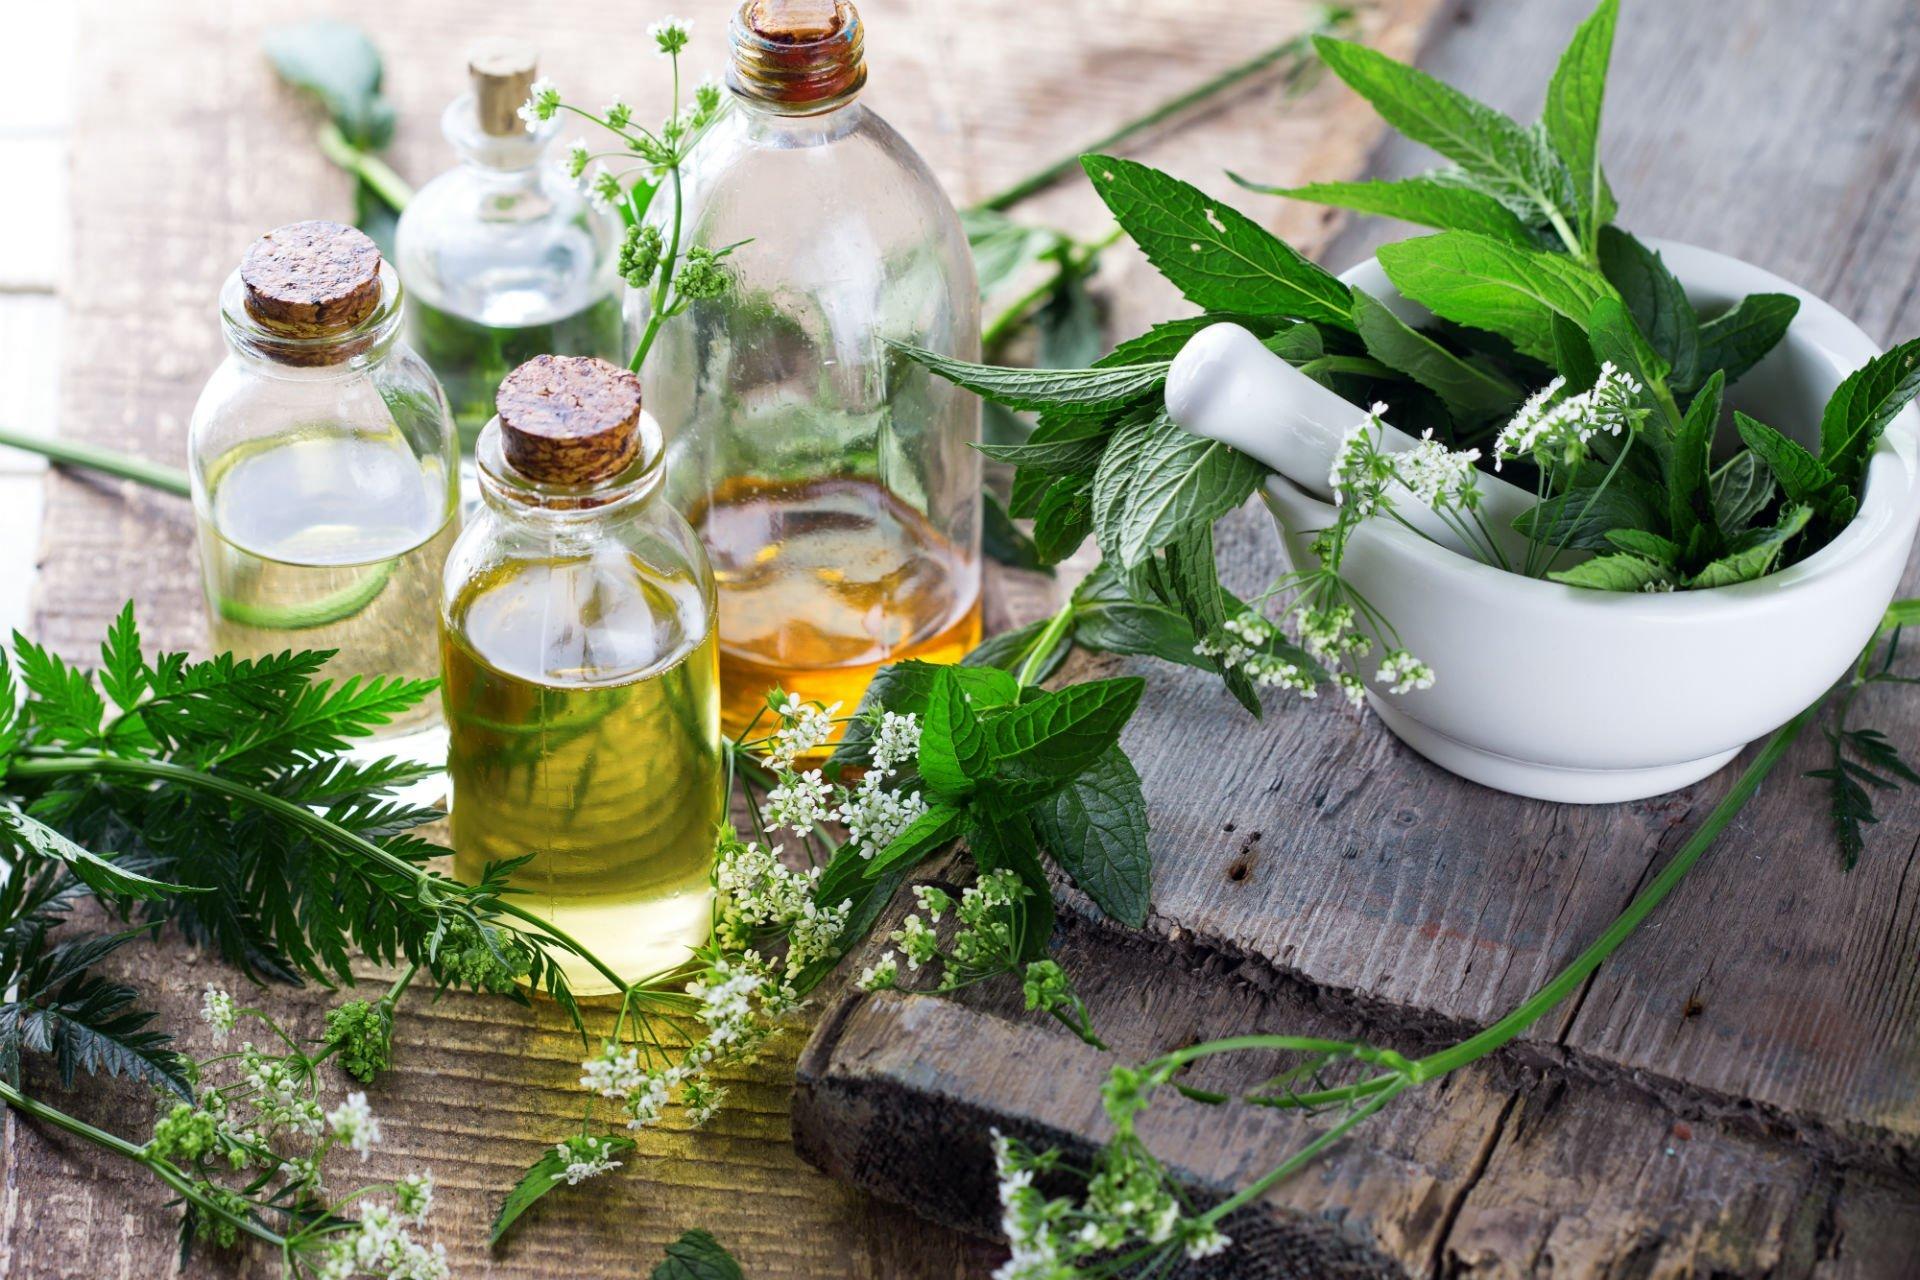 oli essenziali, erbe aromatiche e un mortaio di marmo